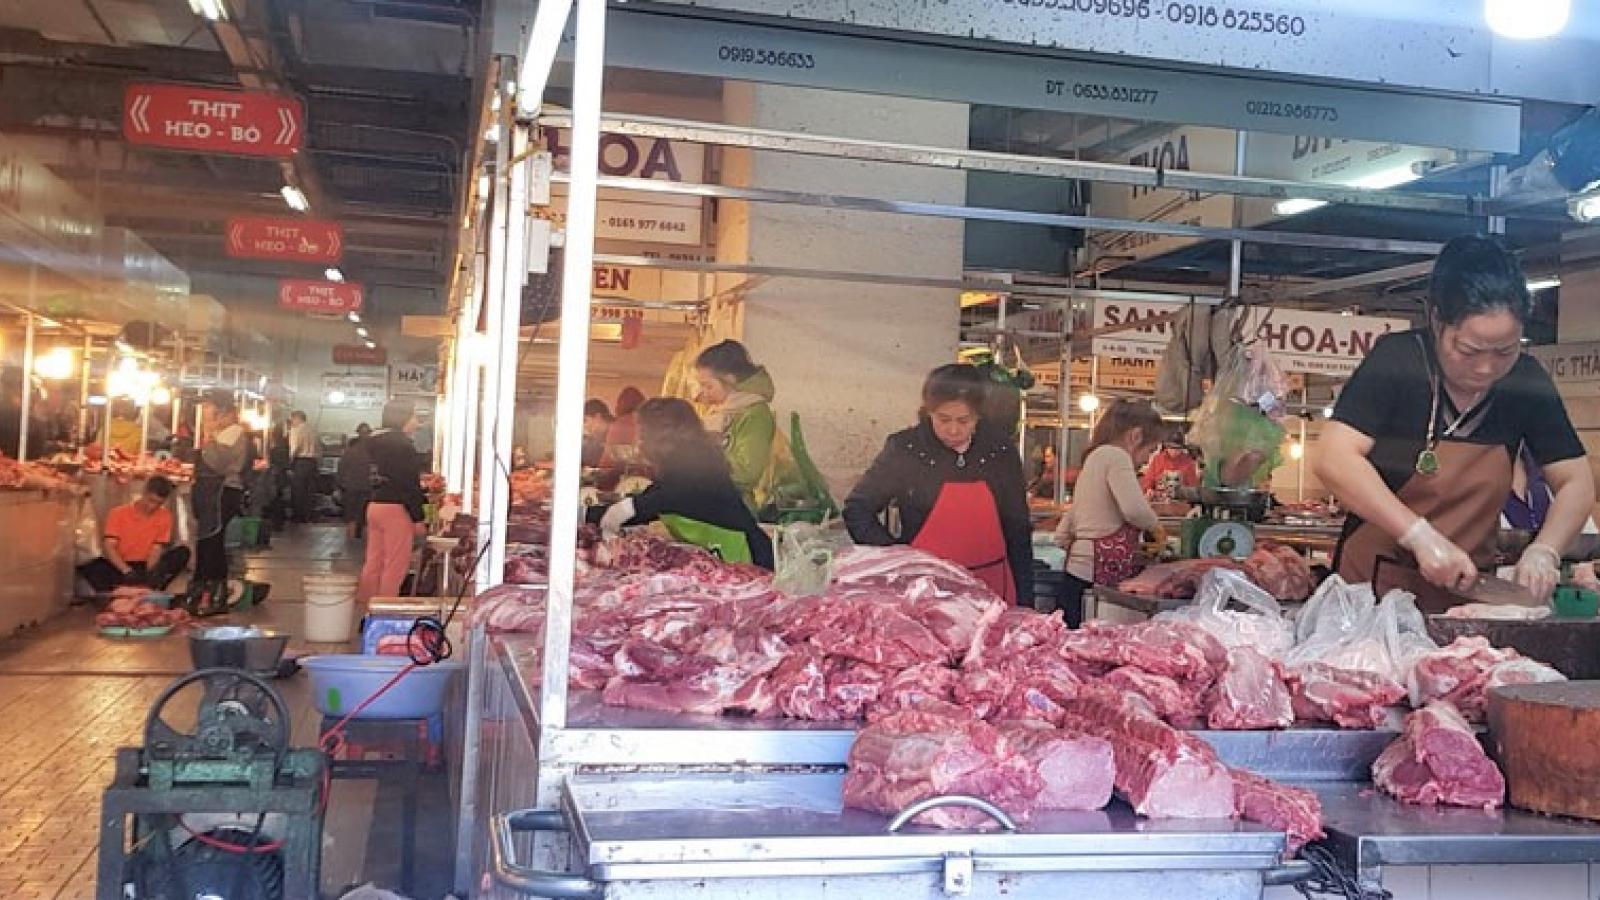 Giá thịt heo ở Lâm Đồng không giảm mà còn tăng